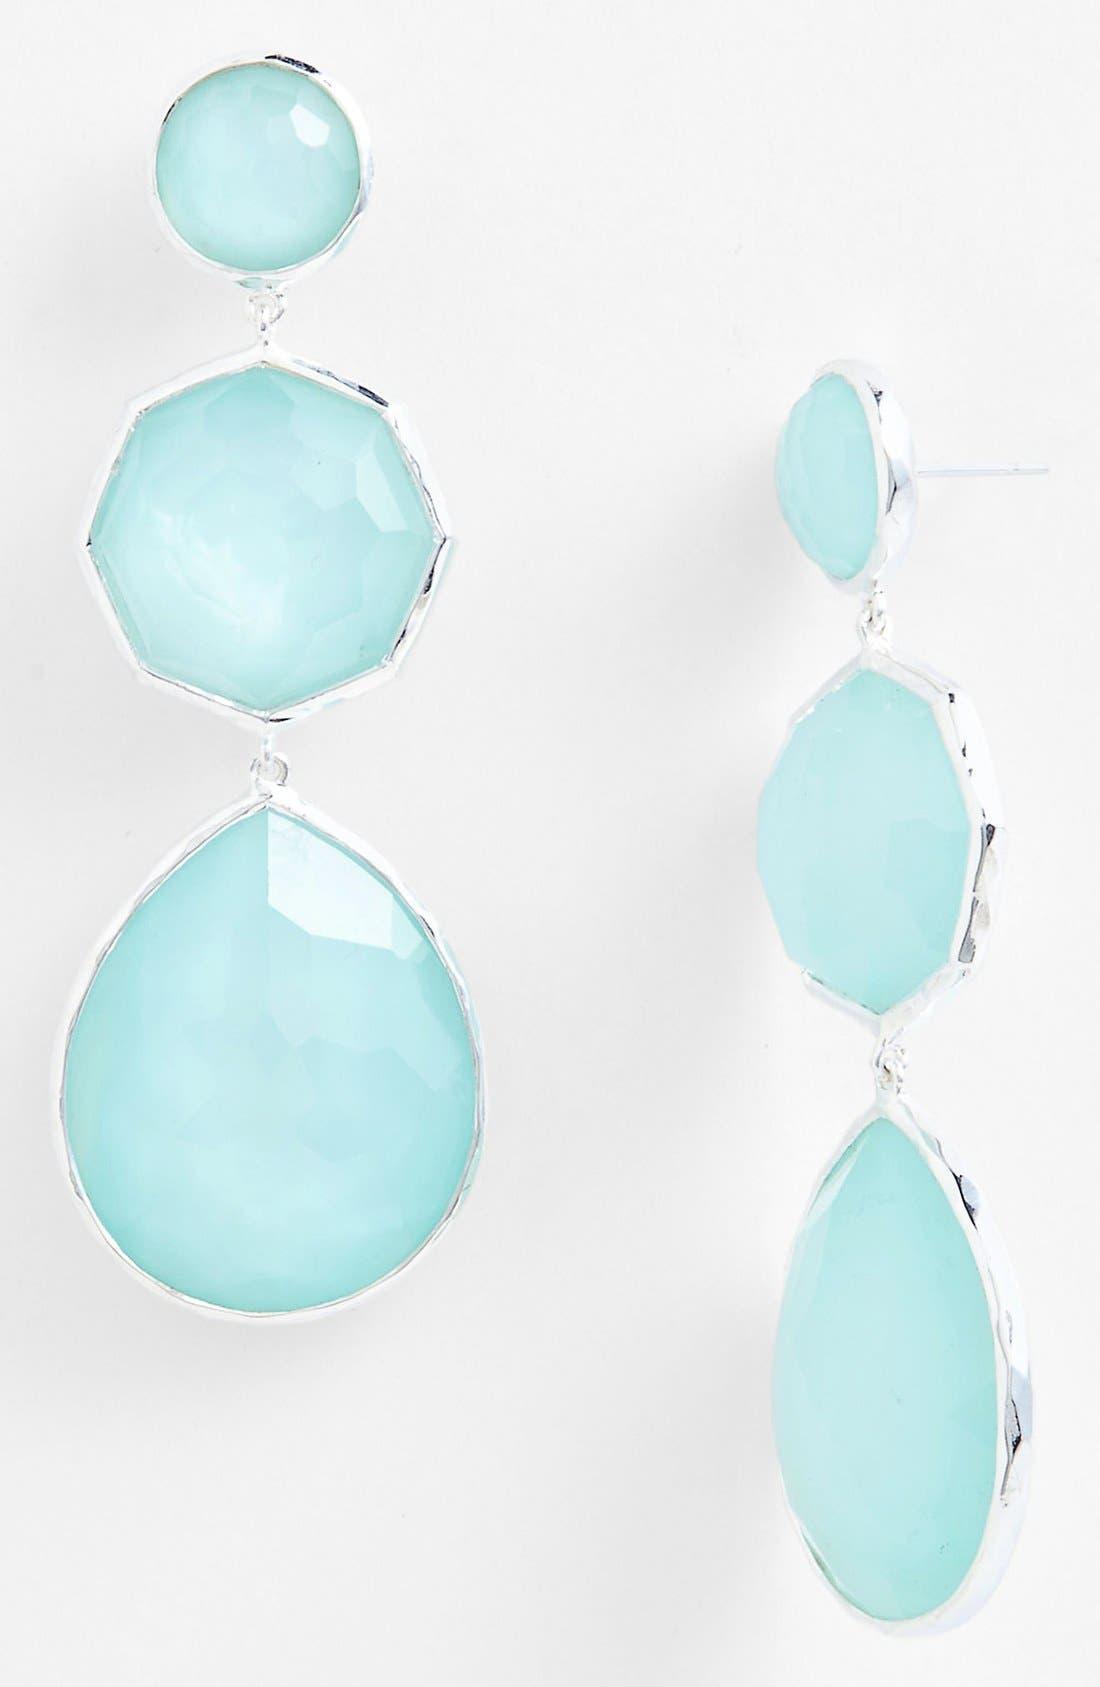 Alternate Image 1 Selected - Ippolita 'Wonderland' Drop Earrings (Nordstrom Exclusive)